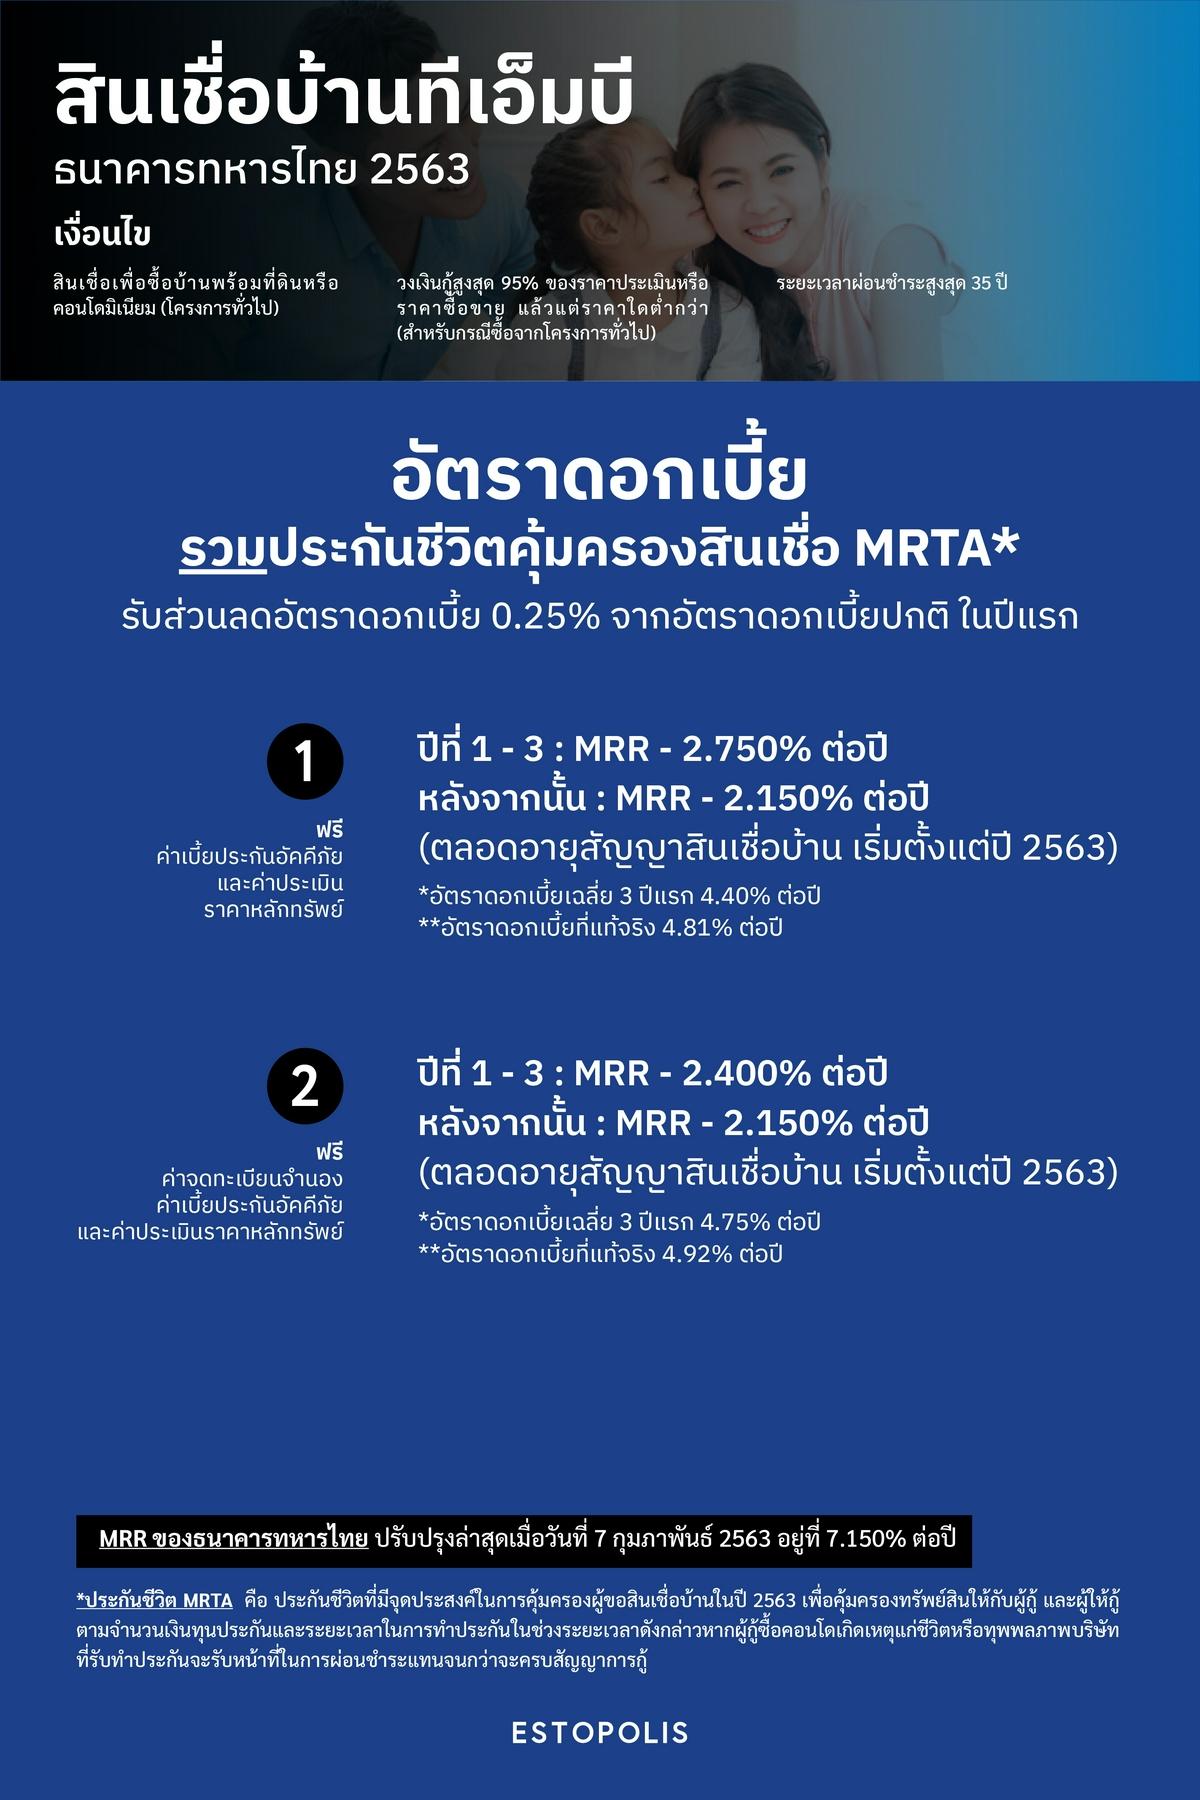 สินเชื่อบ้านทีเอ็มบี จากธนาคารทหารไทย 2563